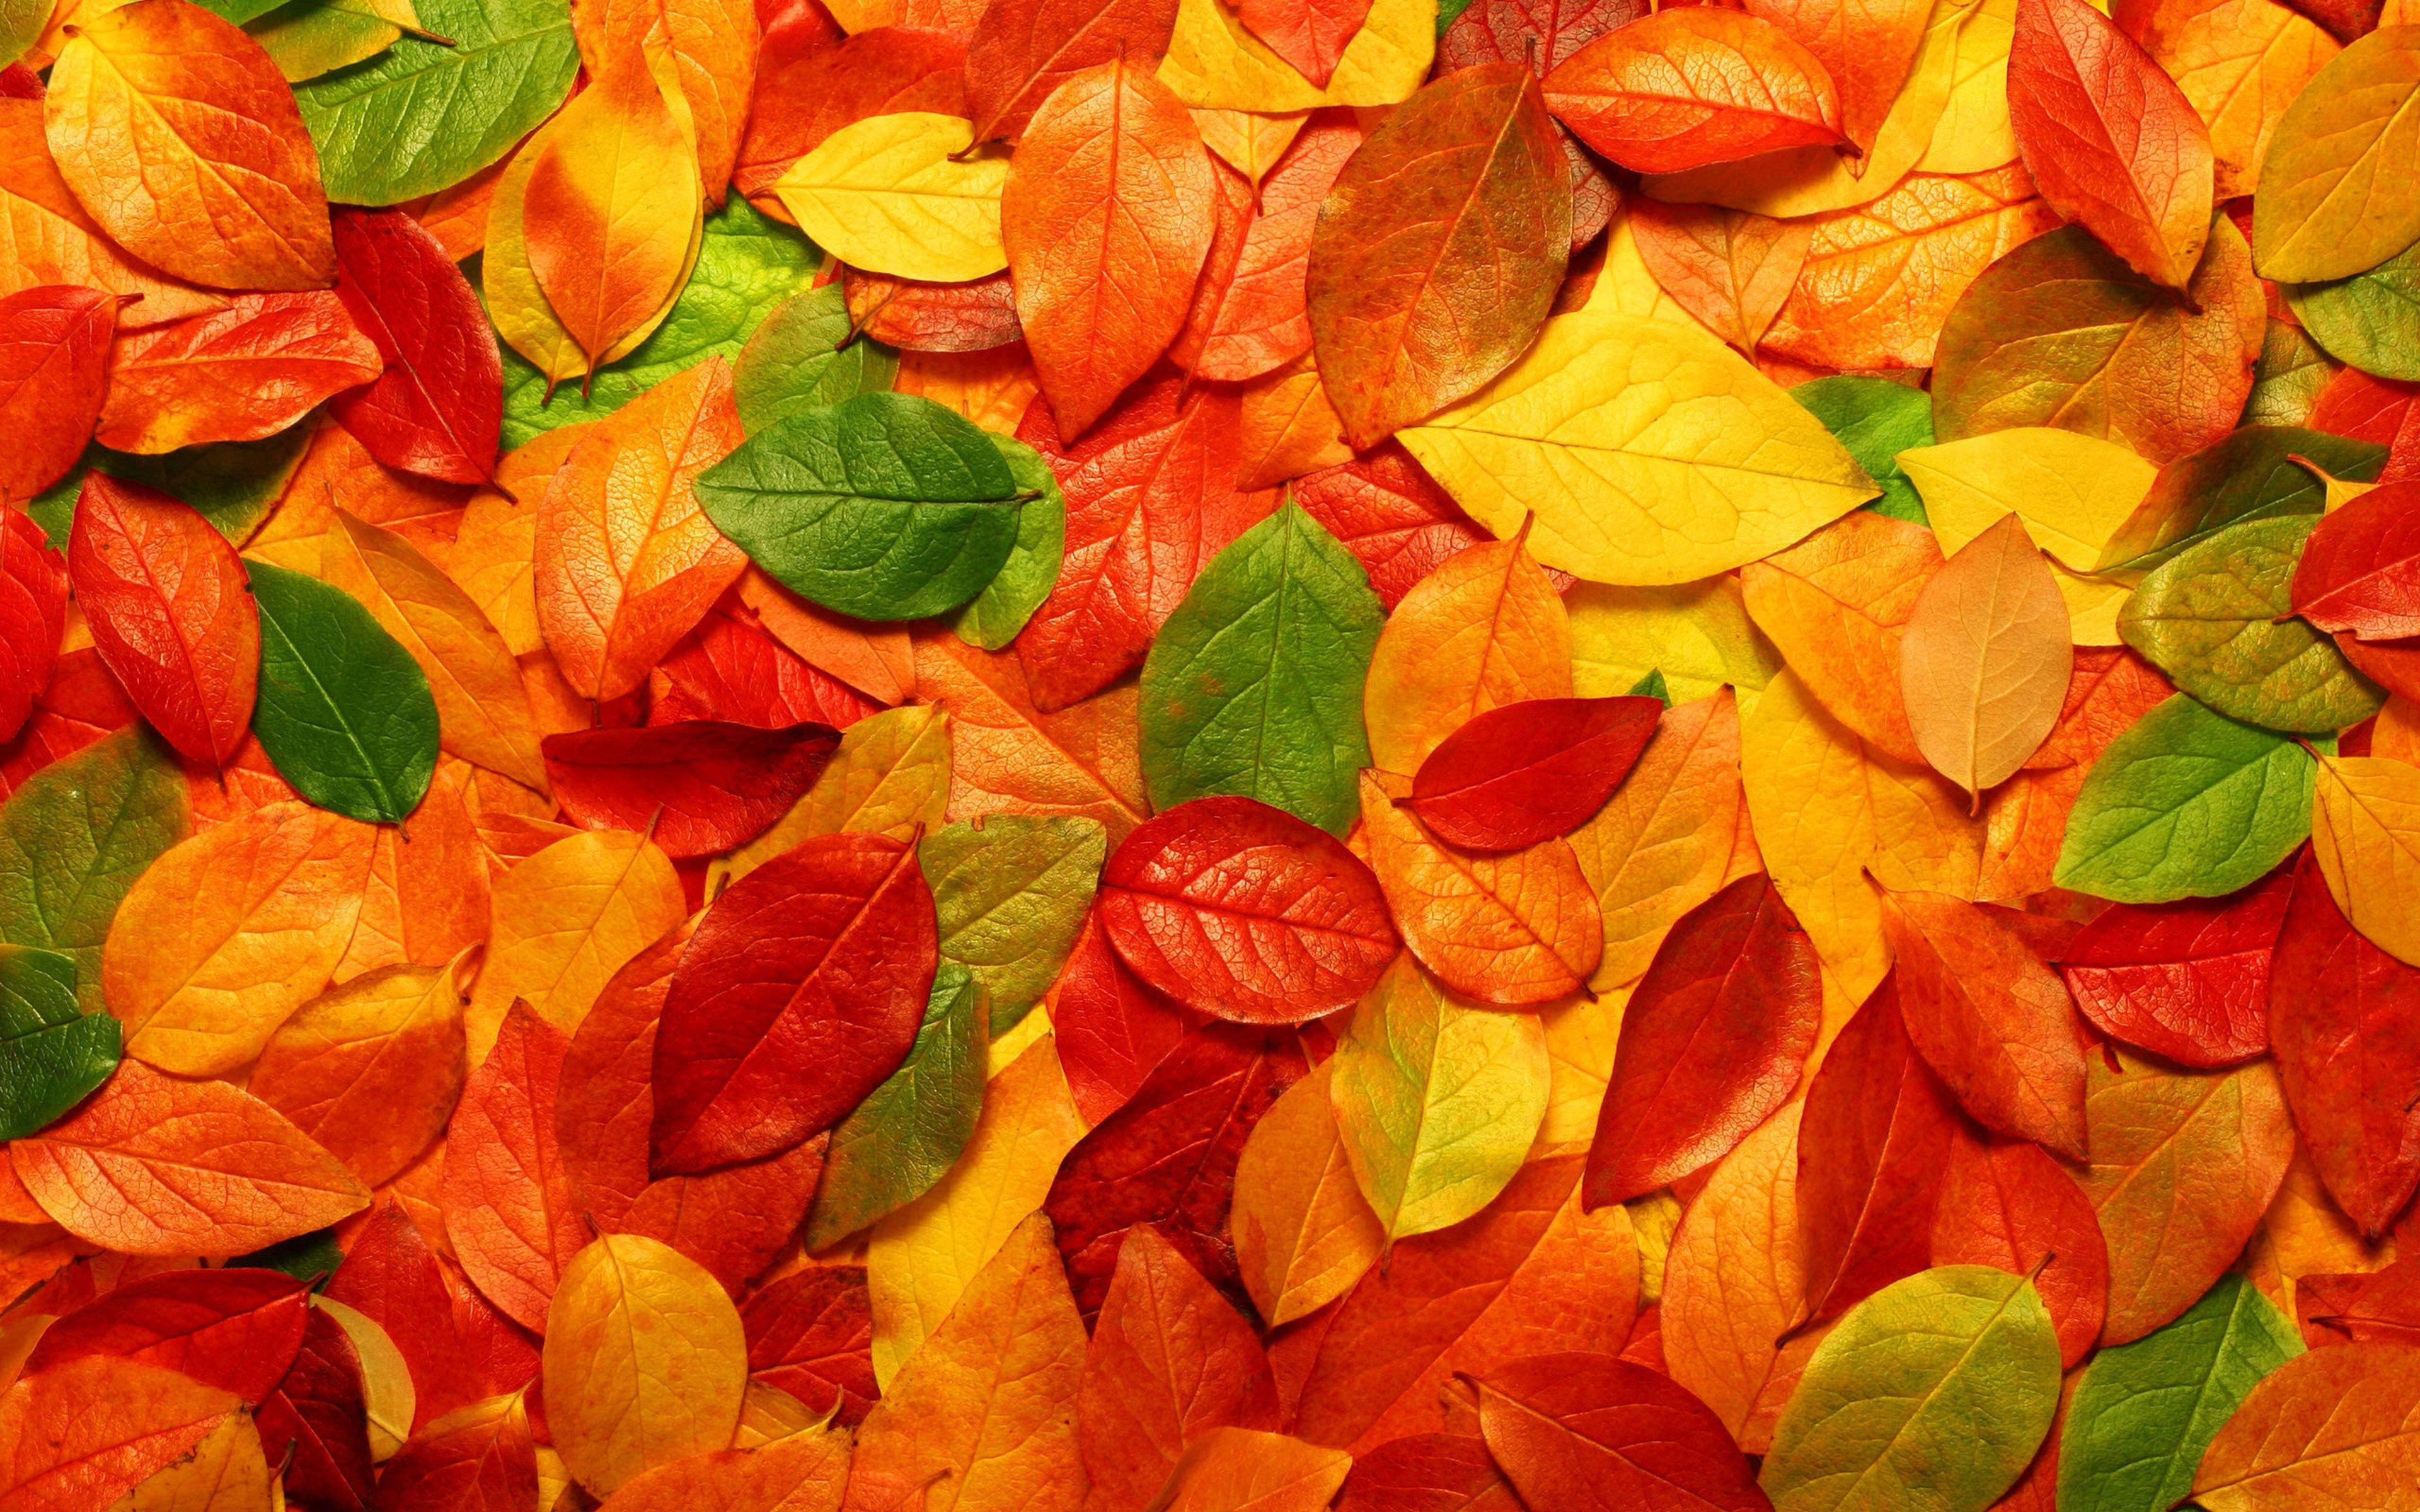 Fonds d 39 cran automne feuilles mortes maximumwall - Image feuille automne ...